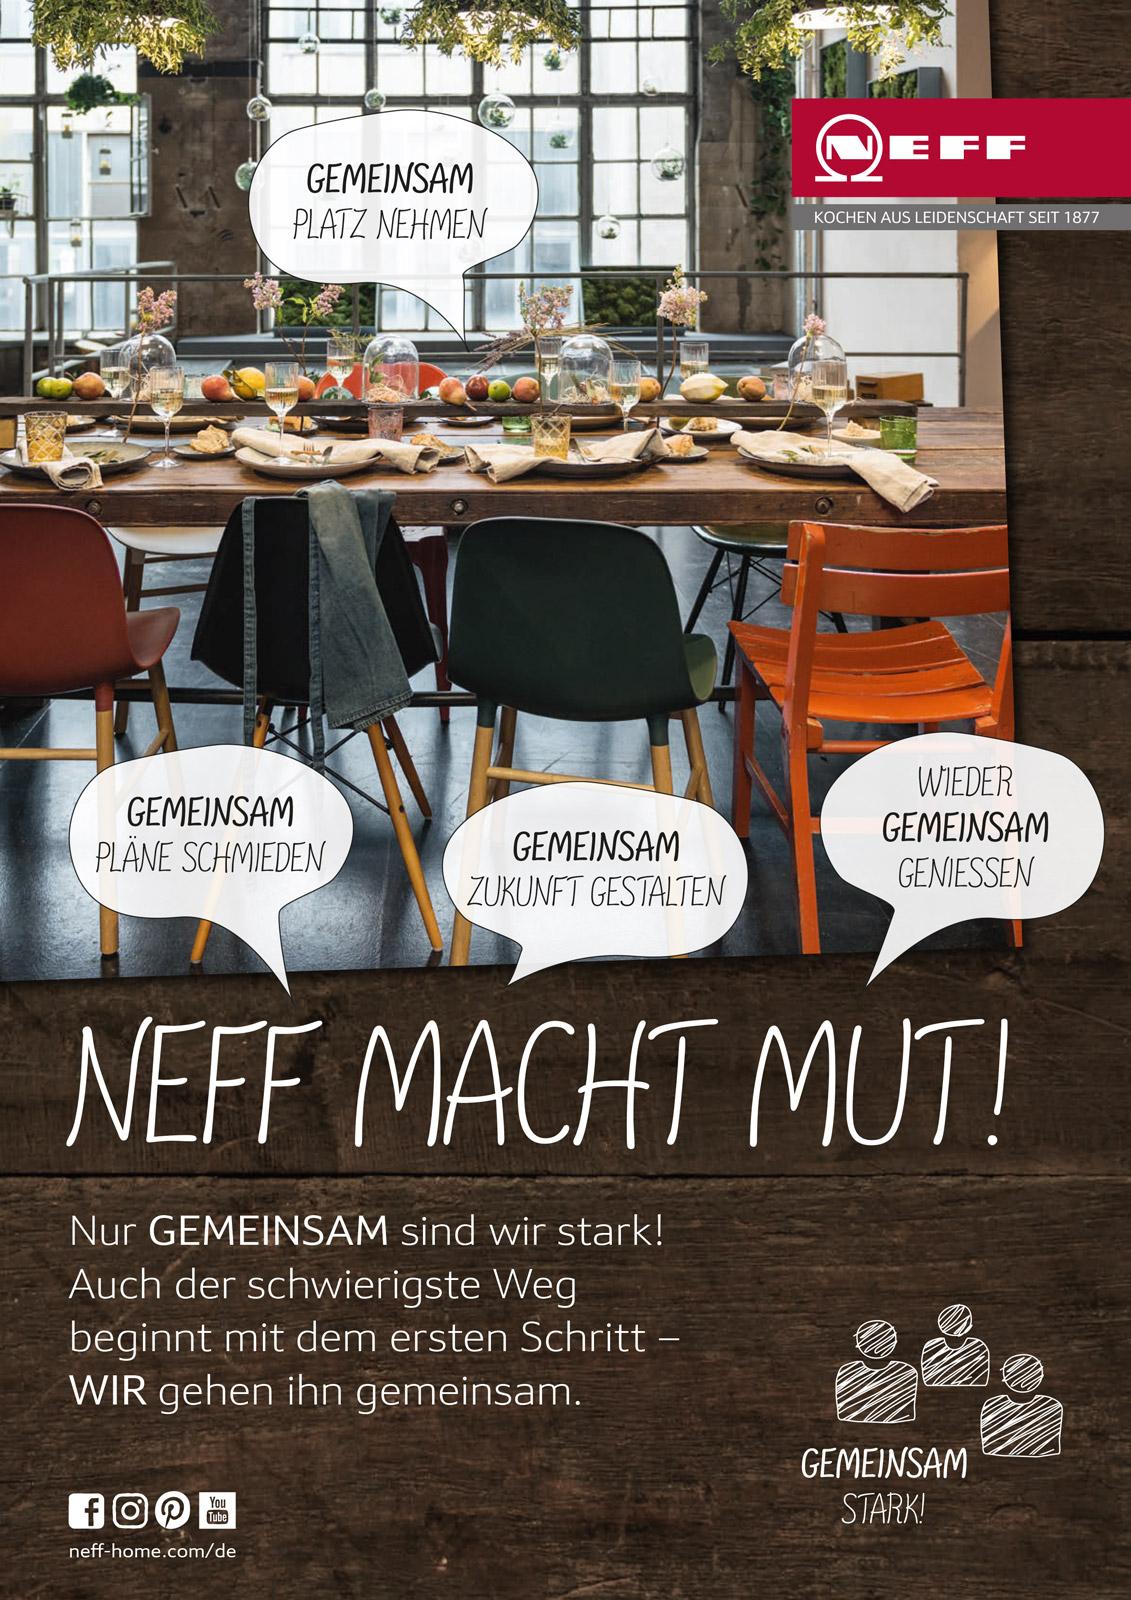 """Neff Anzeigenmotiv """"Neff macht mit"""""""